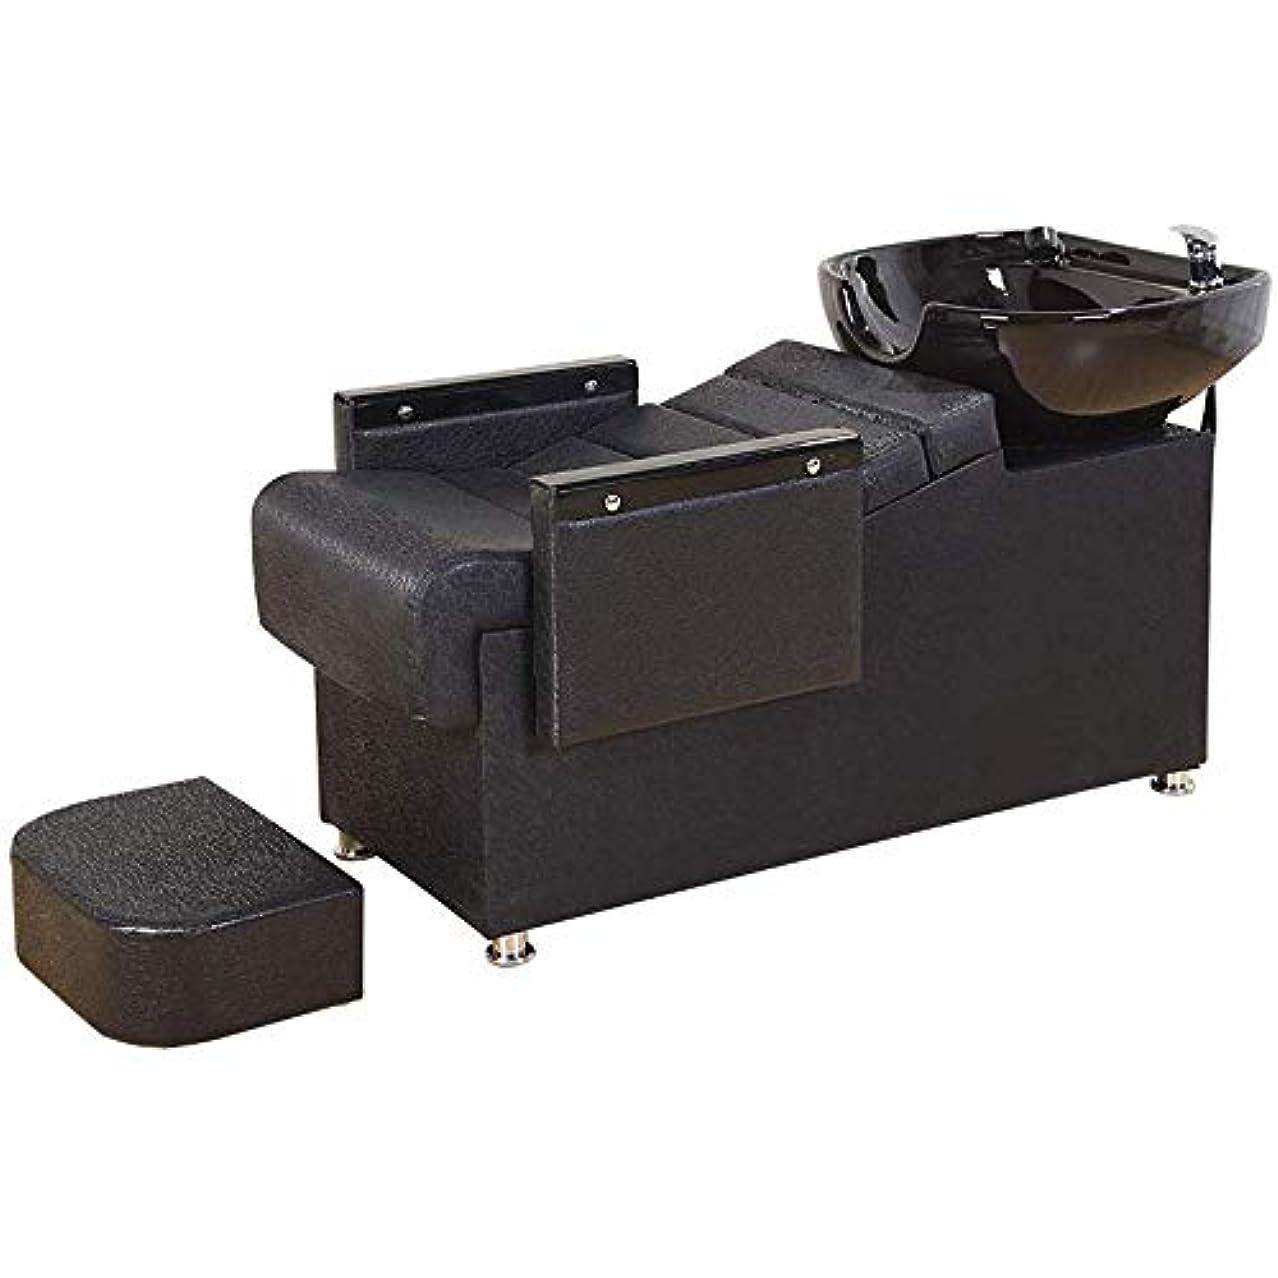 倒産スリチンモイ晴れシャンプー椅子、逆洗ユニットシャンプーボウル理髪店理髪店シンクチェアスパ用美容院機器